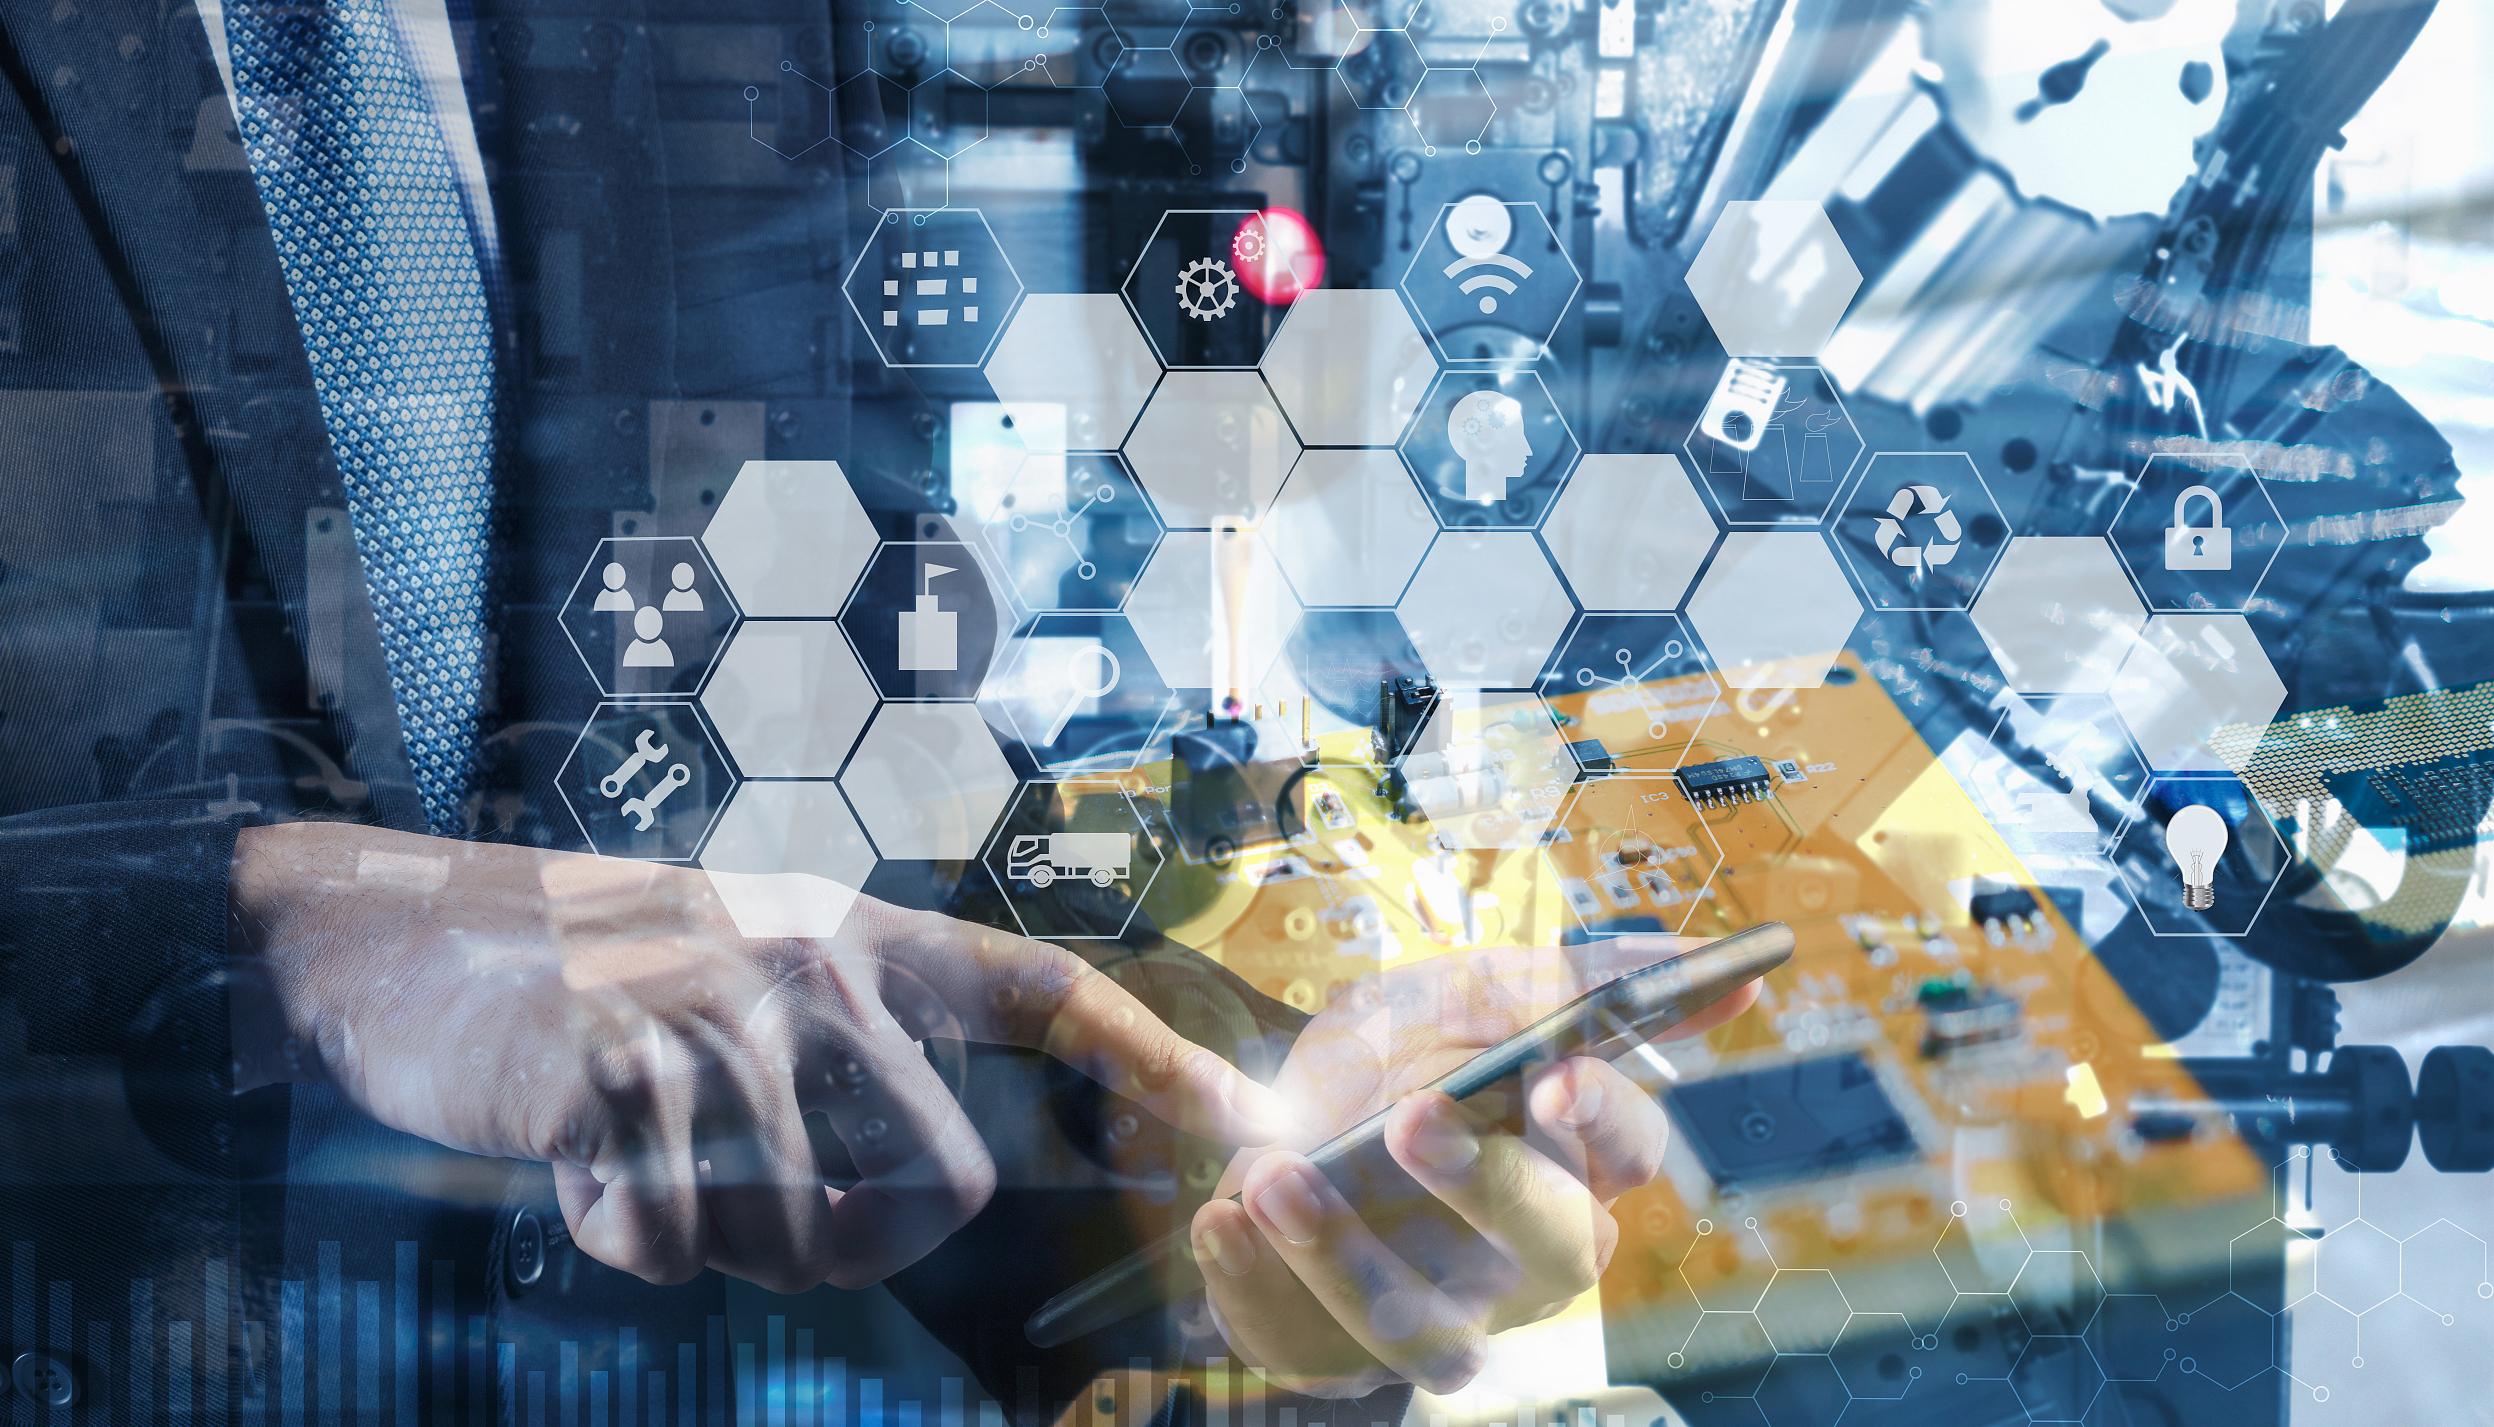 摩登5首页中国(上海)工业品在线交易节周三开幕,预计将实现交易额200亿元